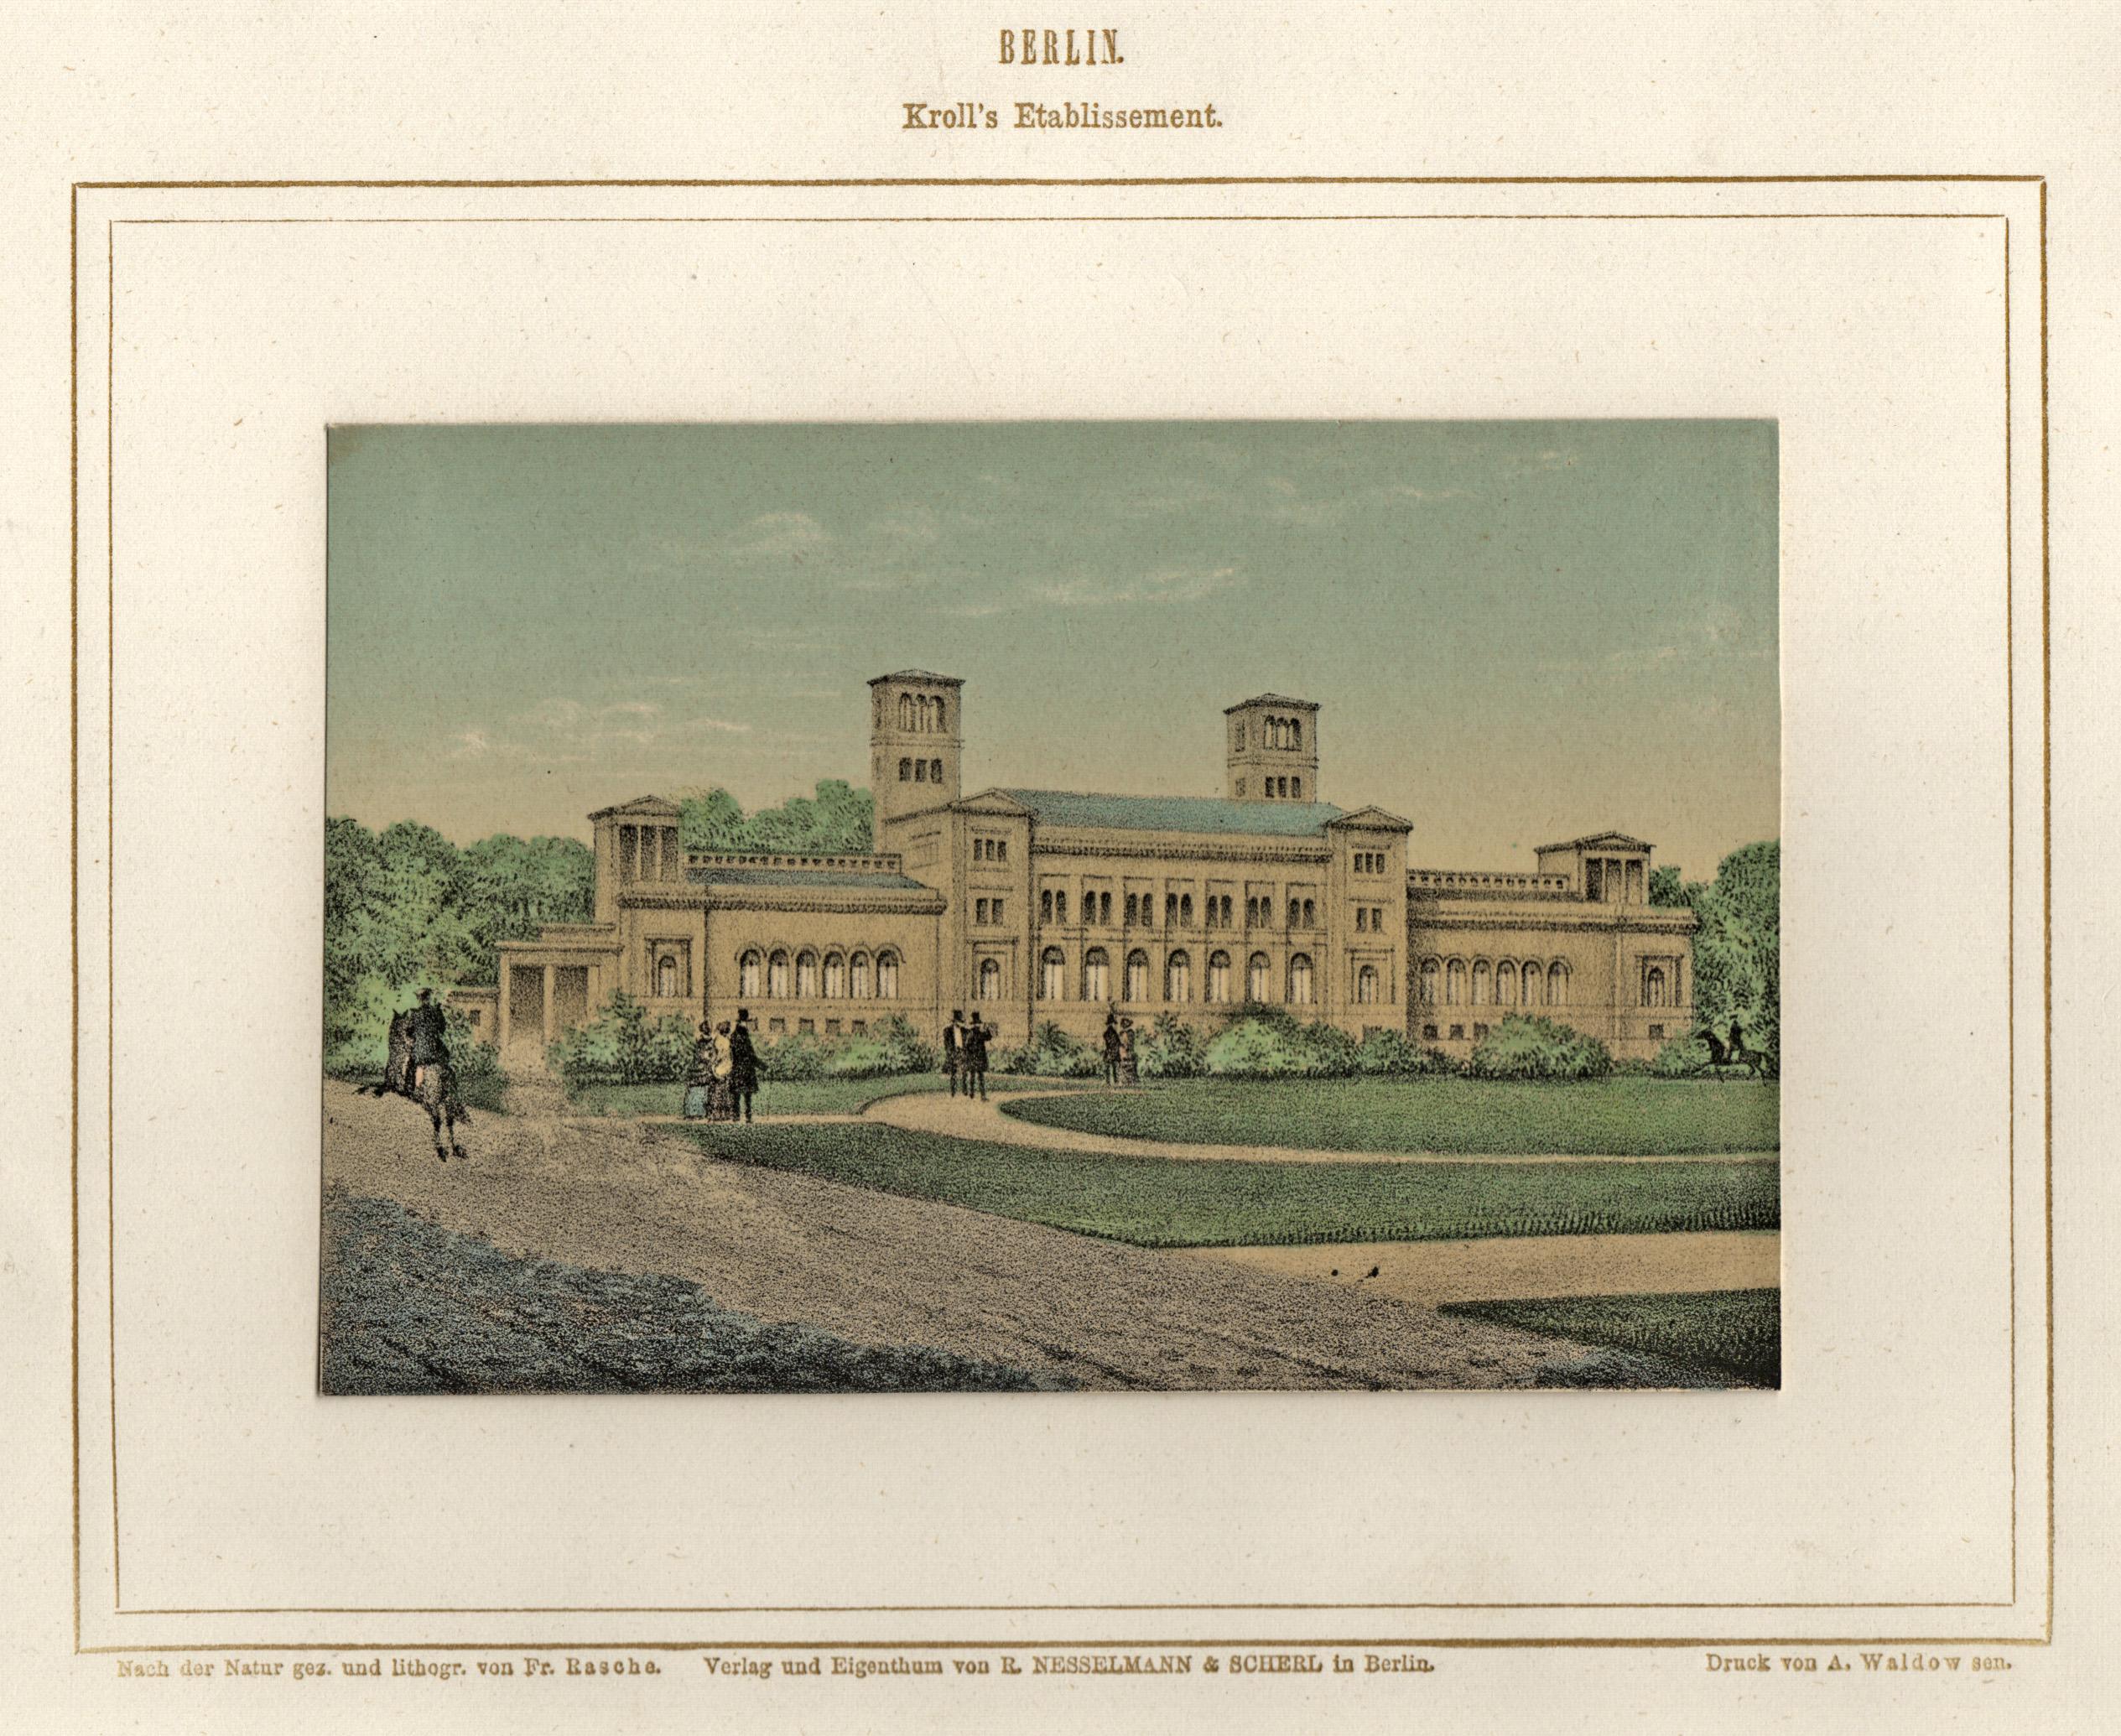 Berlin. Kroll's Etablissment.: Berlin - Krolls